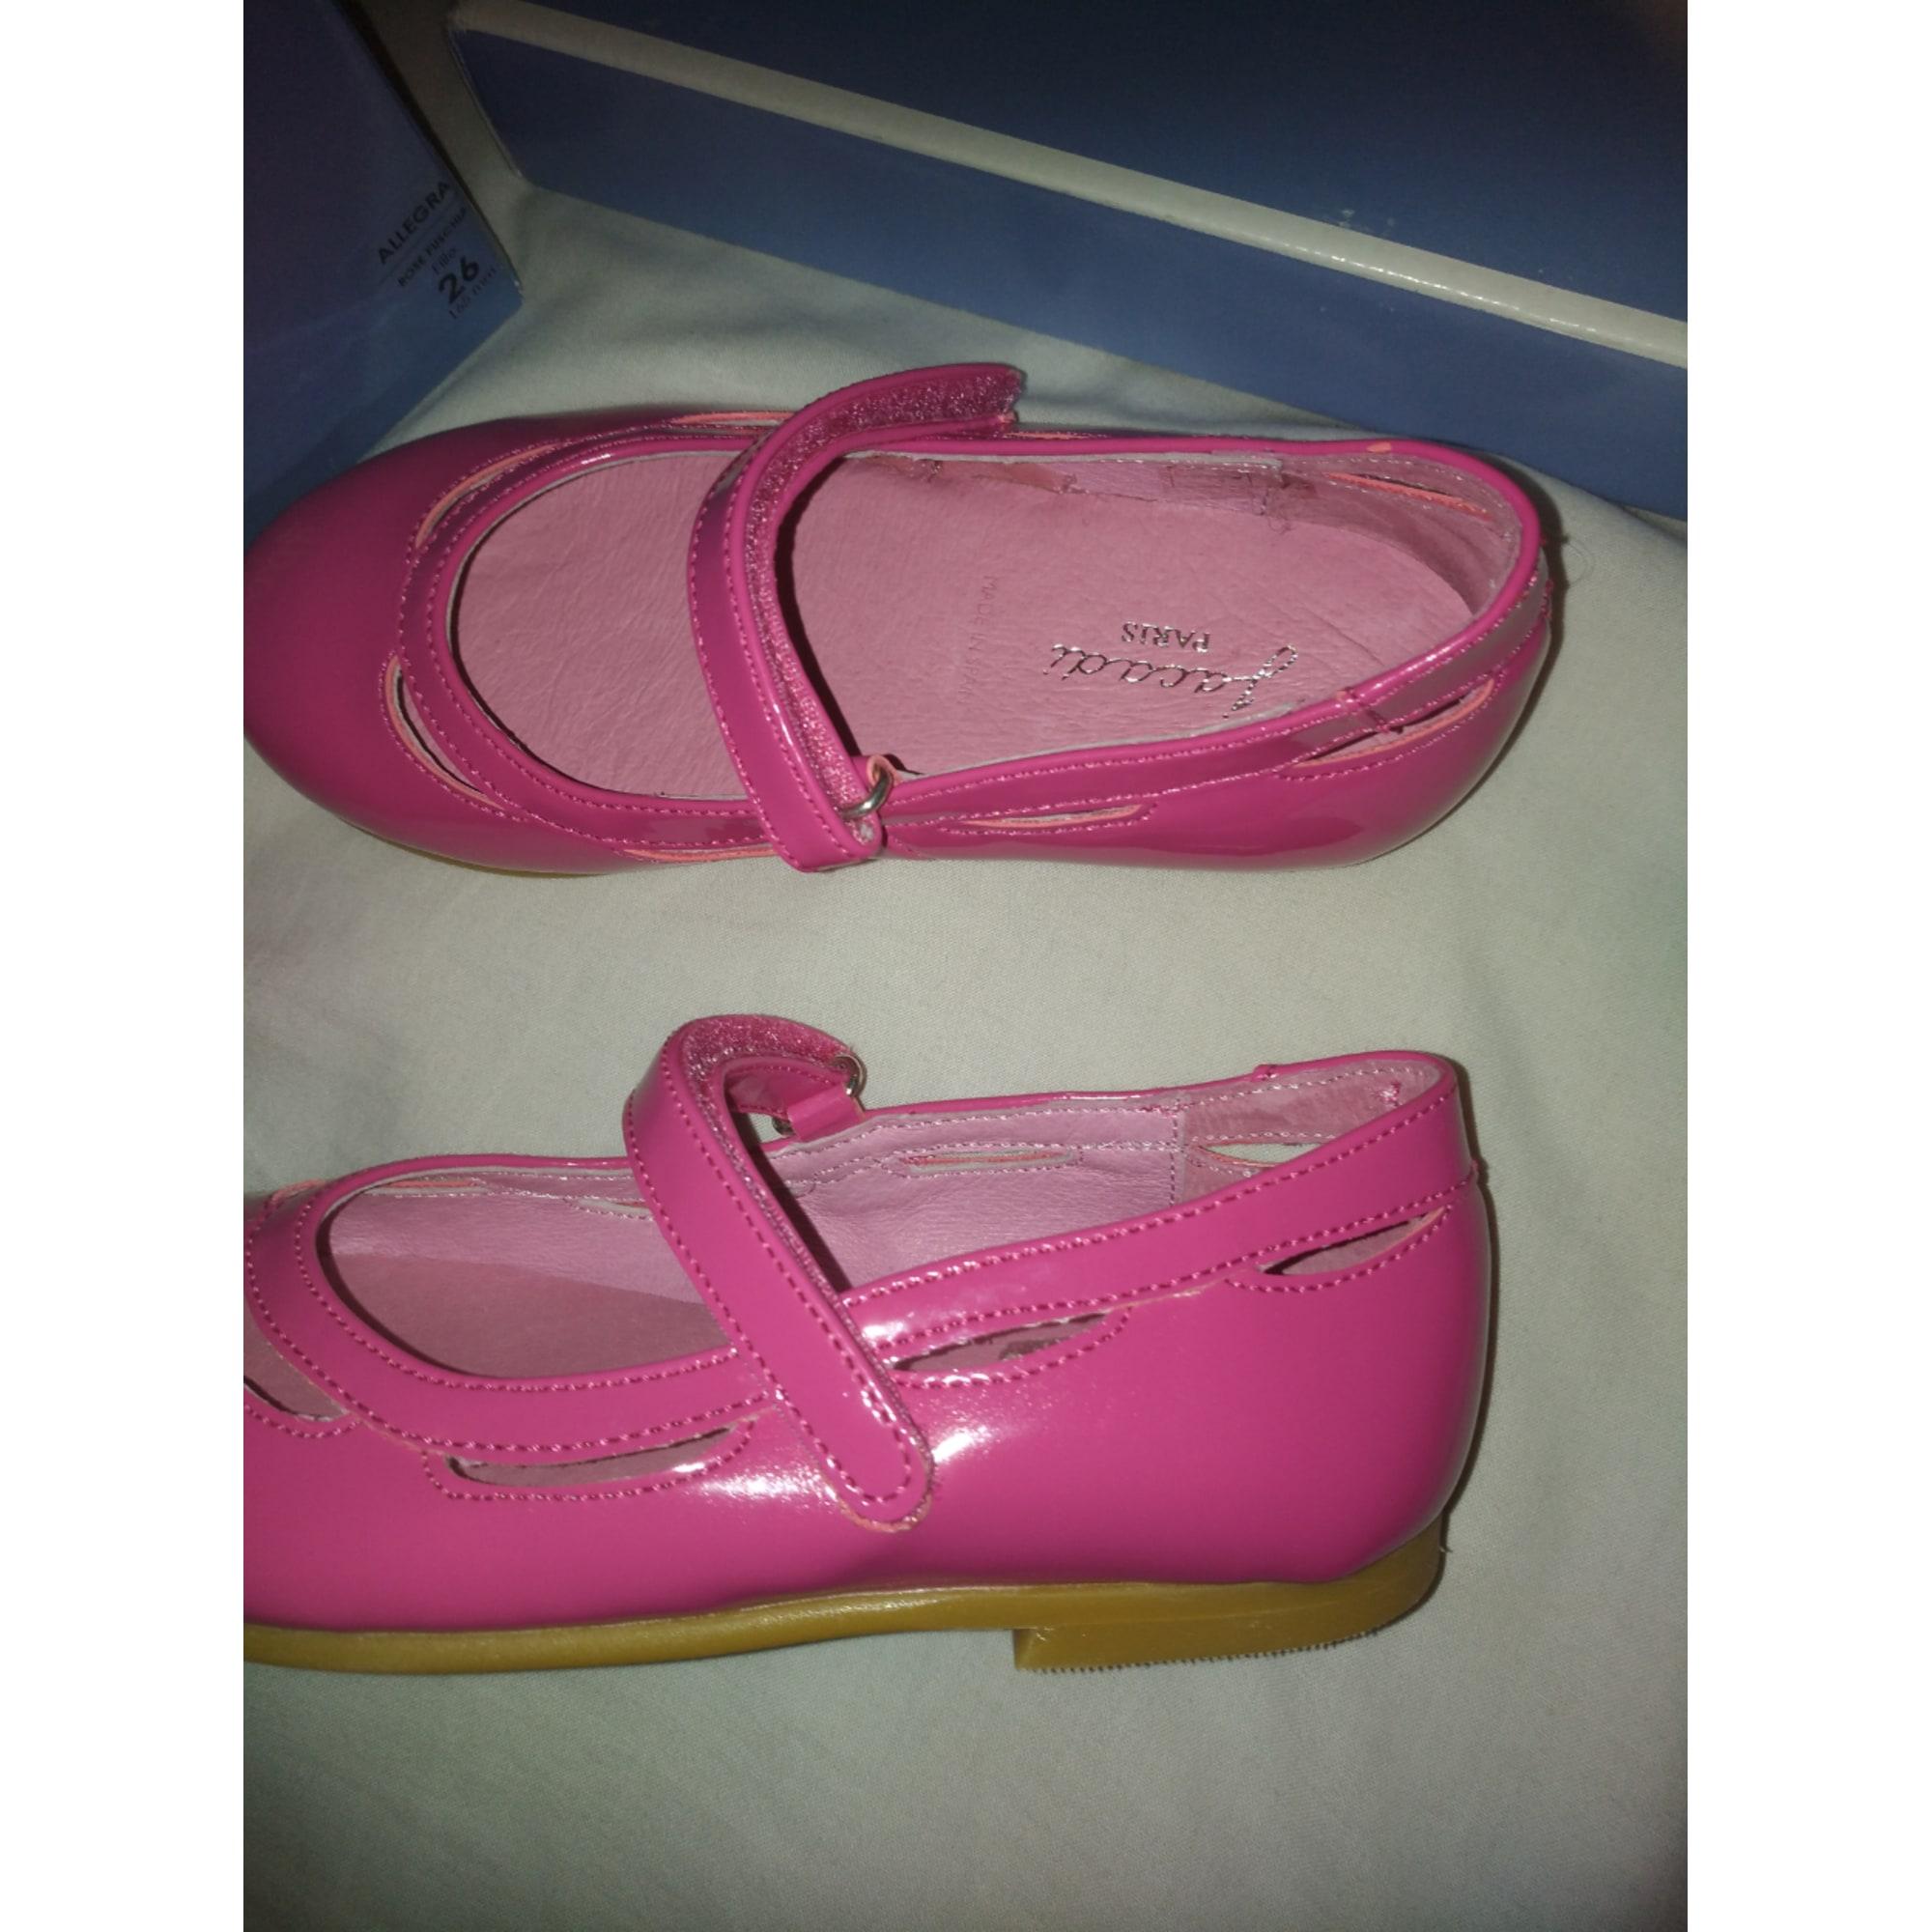 Chaussures à scratch JACADI Rose, fuschia, vieux rose